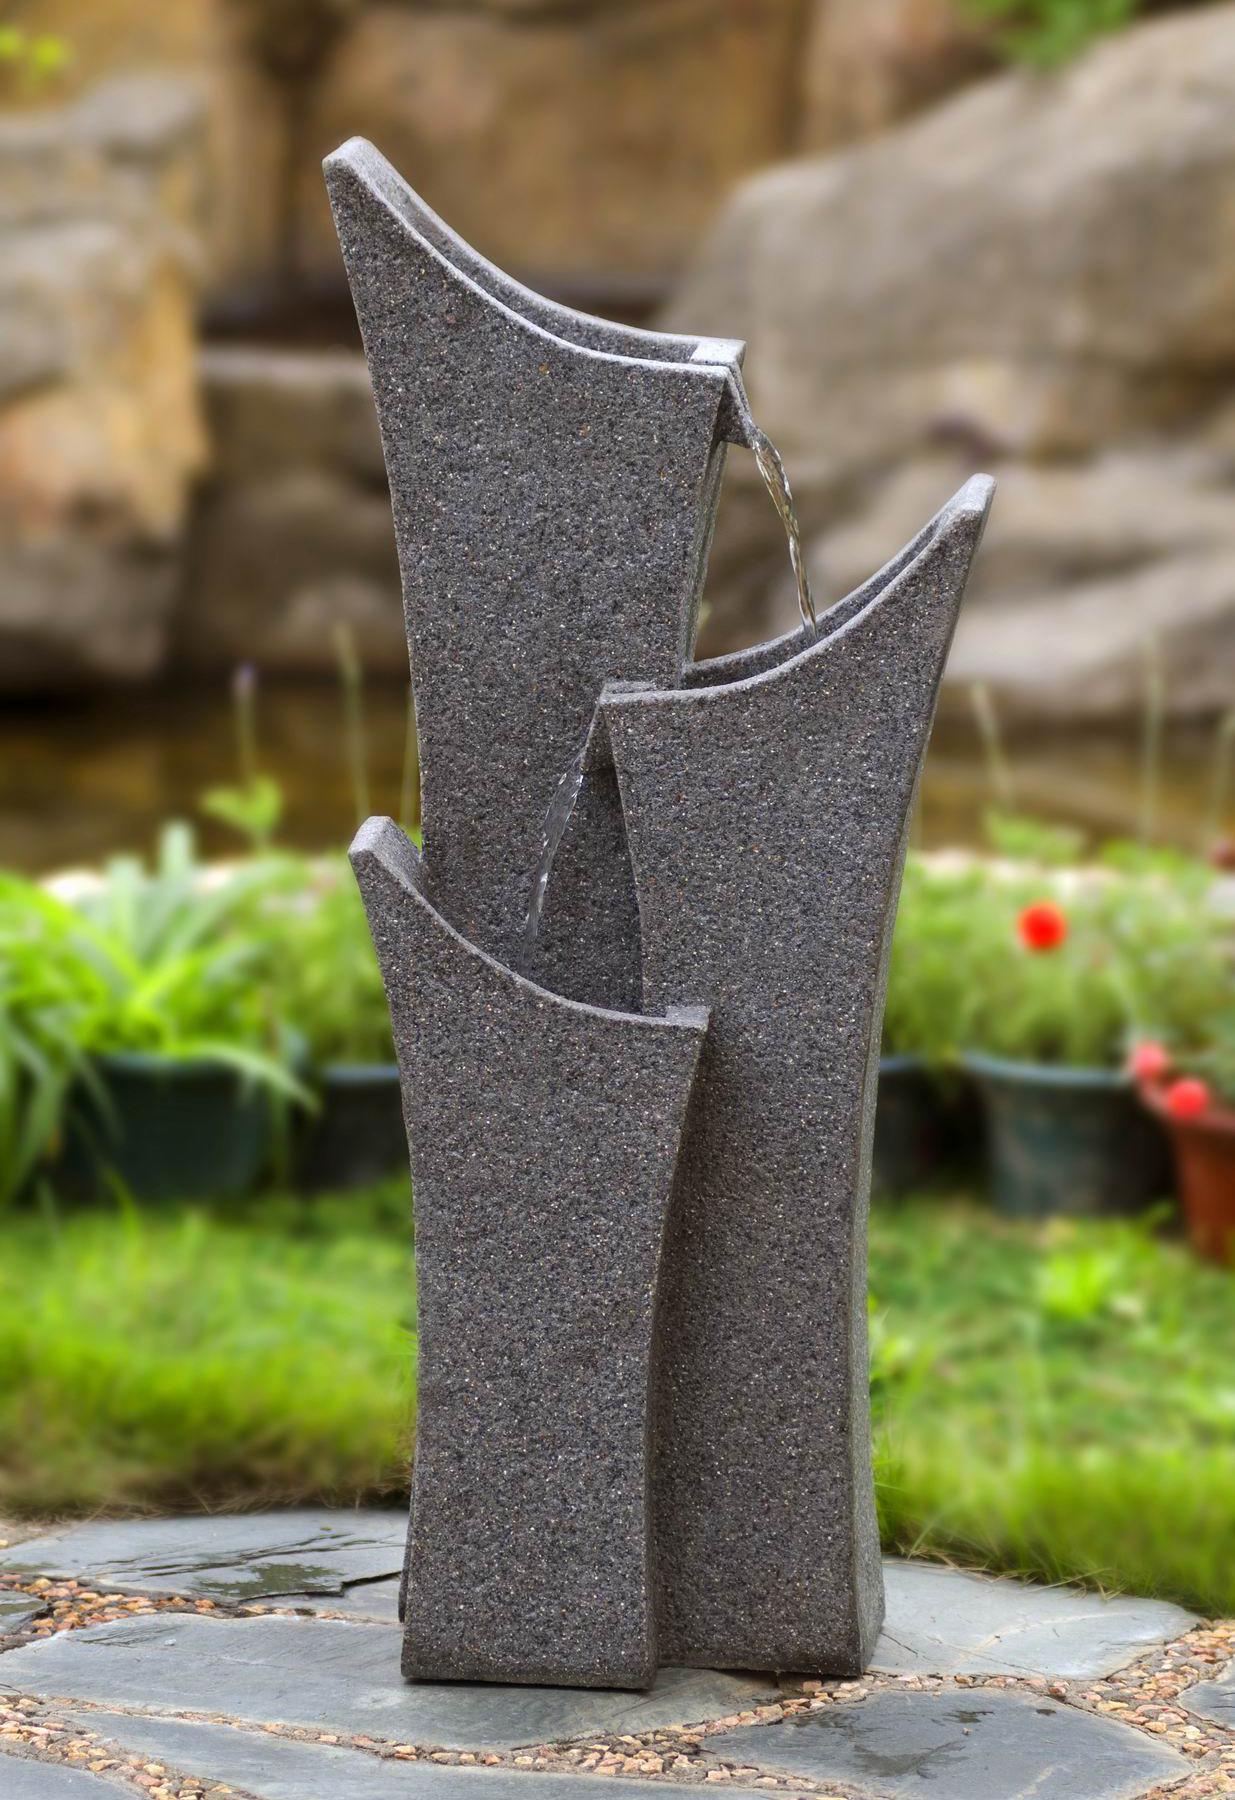 kaskaden brunnen wasserfont ne stufenbrunnen f r innen und aussen ebay. Black Bedroom Furniture Sets. Home Design Ideas